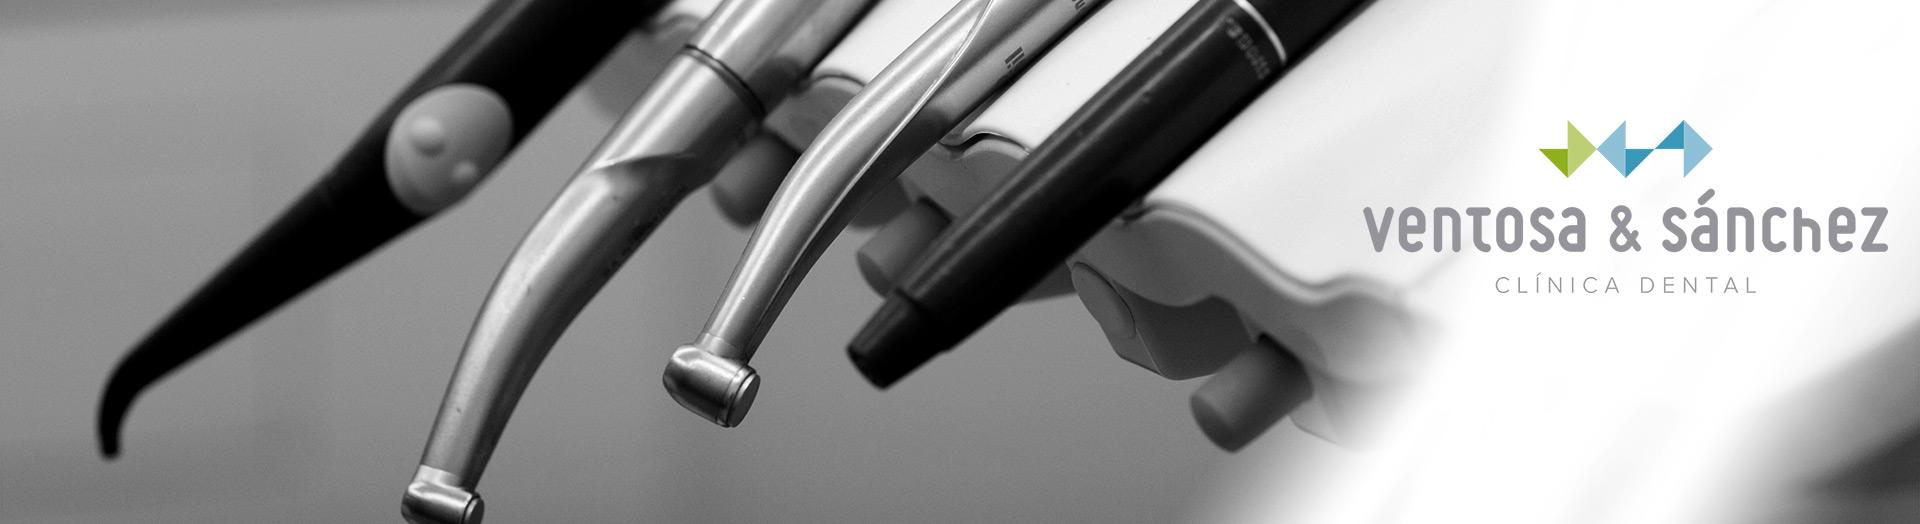 Tratamientos Clínica Dental Ventosa